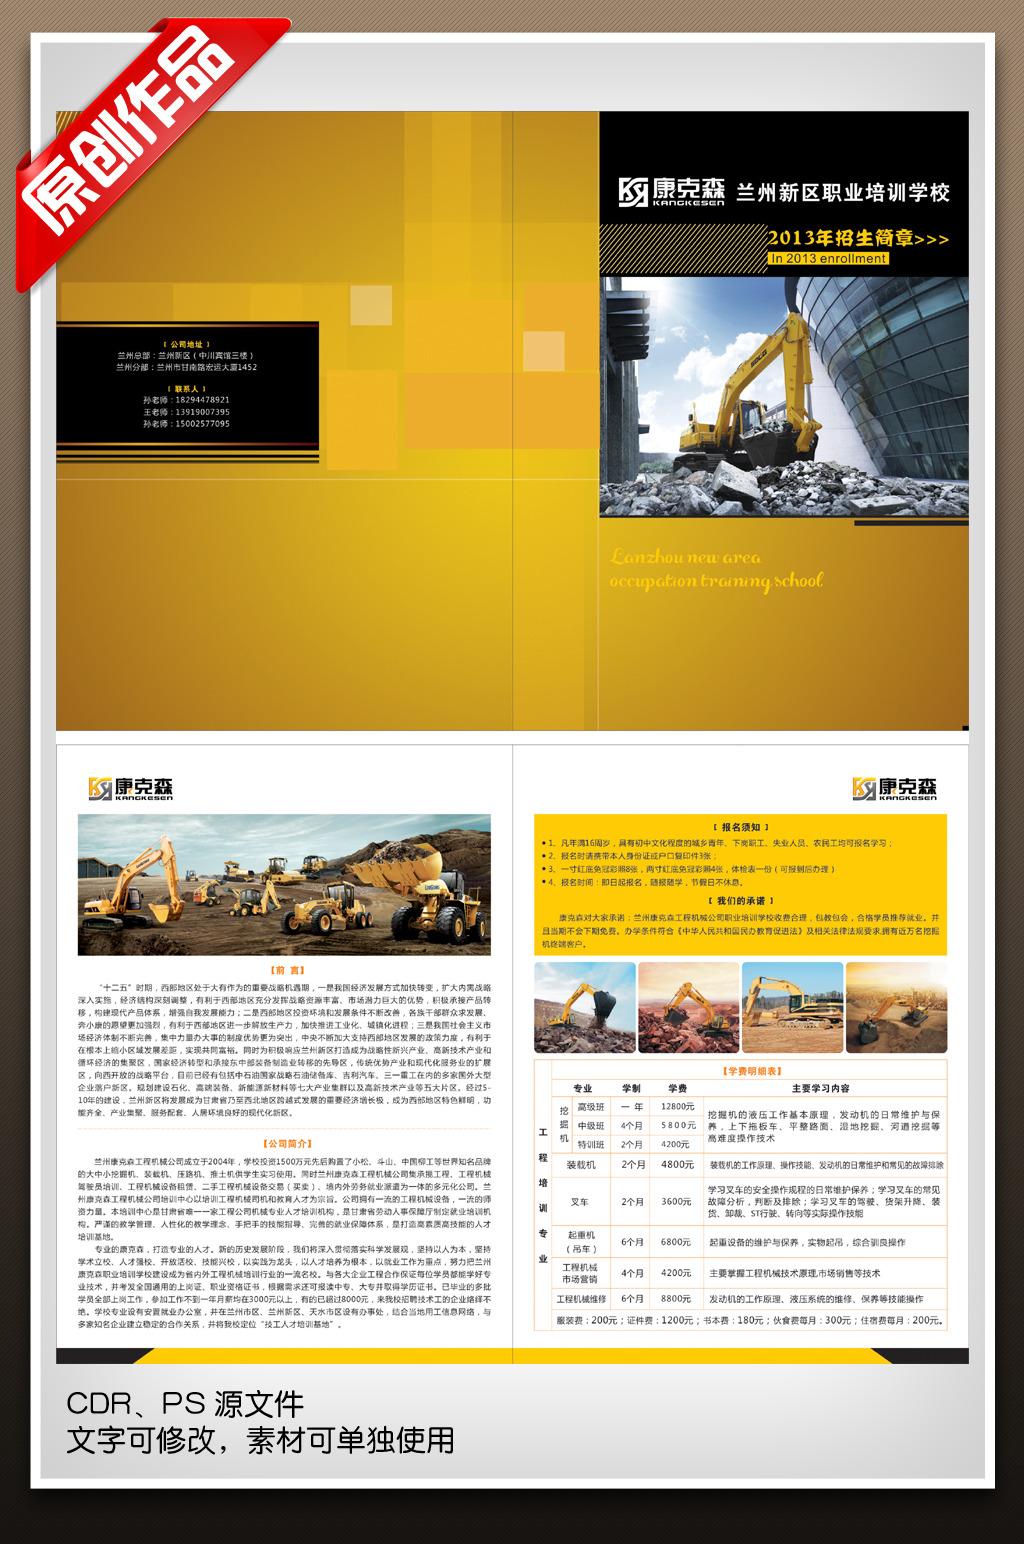 大型吊车公司折页设计模板下载模板下载 11726880 折页设计 模板 促